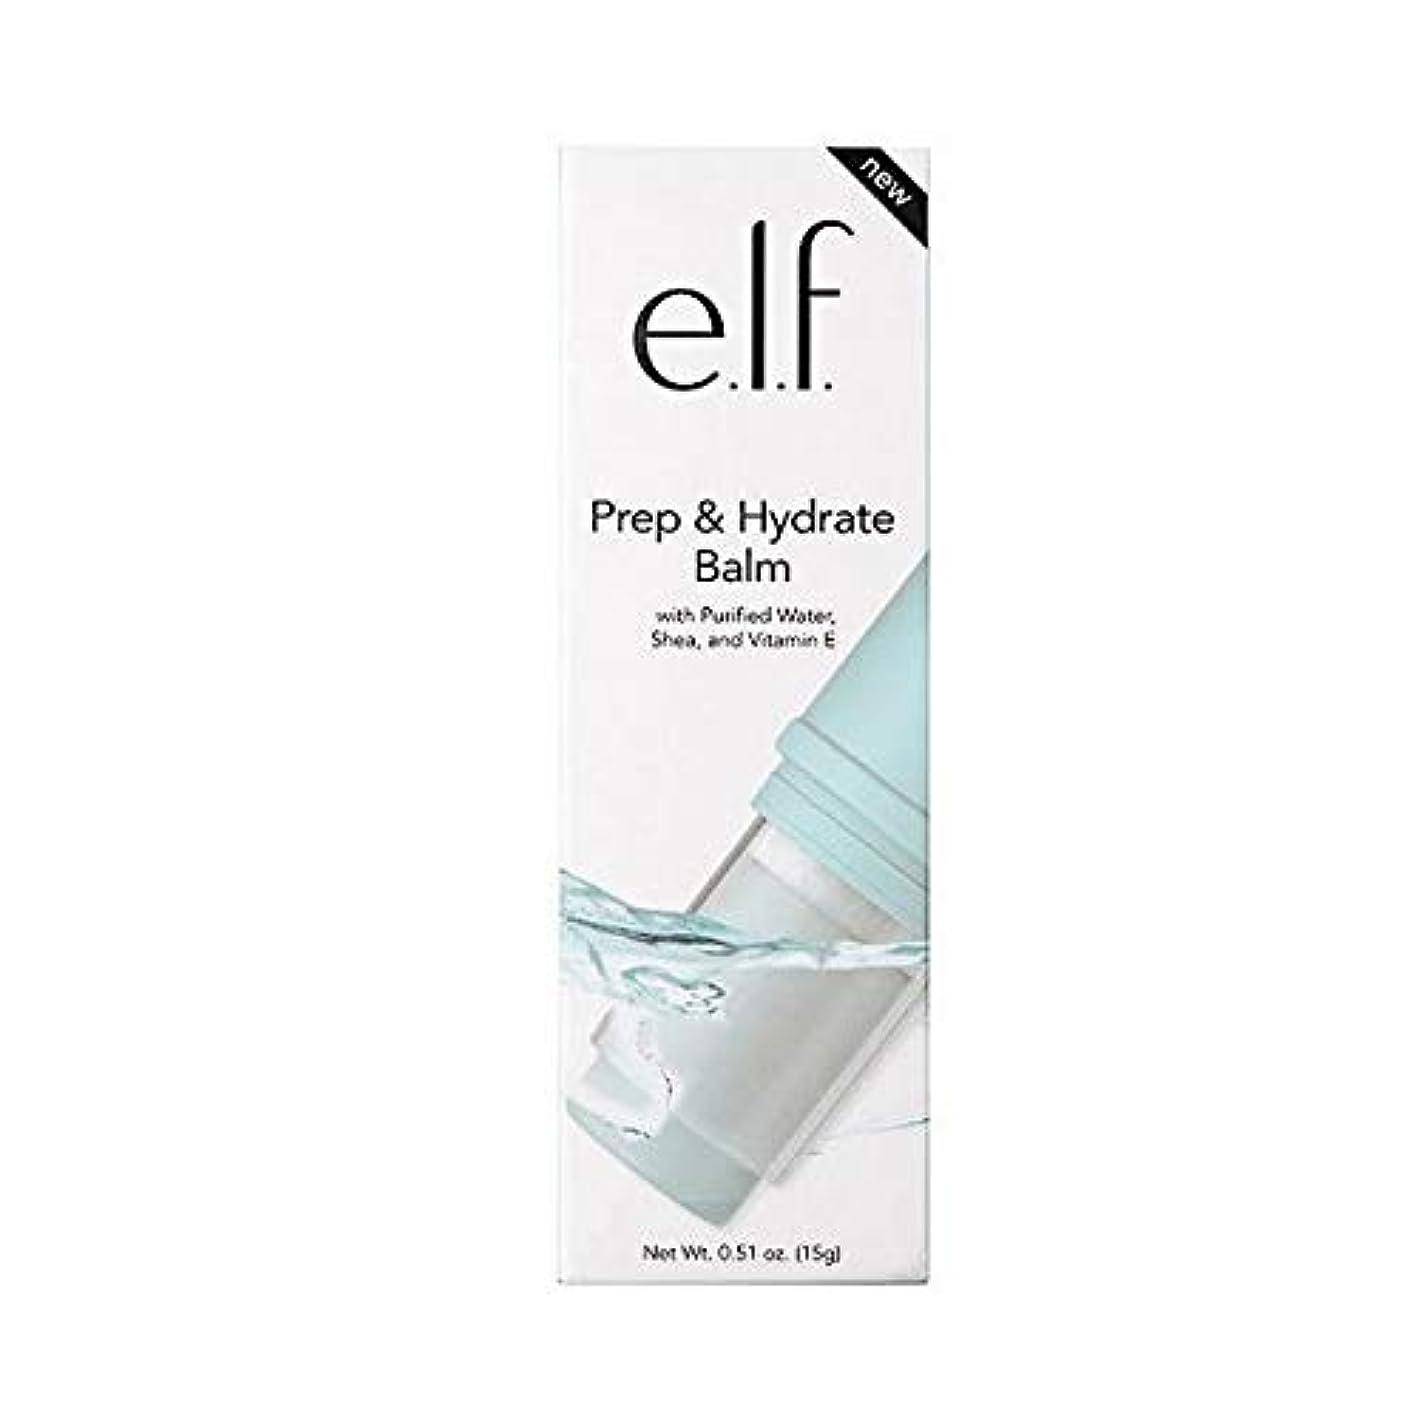 介入する熟読中毒[Elf ] エルフ。予備校&ハイドレートクリーム - e.l.f. Prep & Hydrate Balm [並行輸入品]